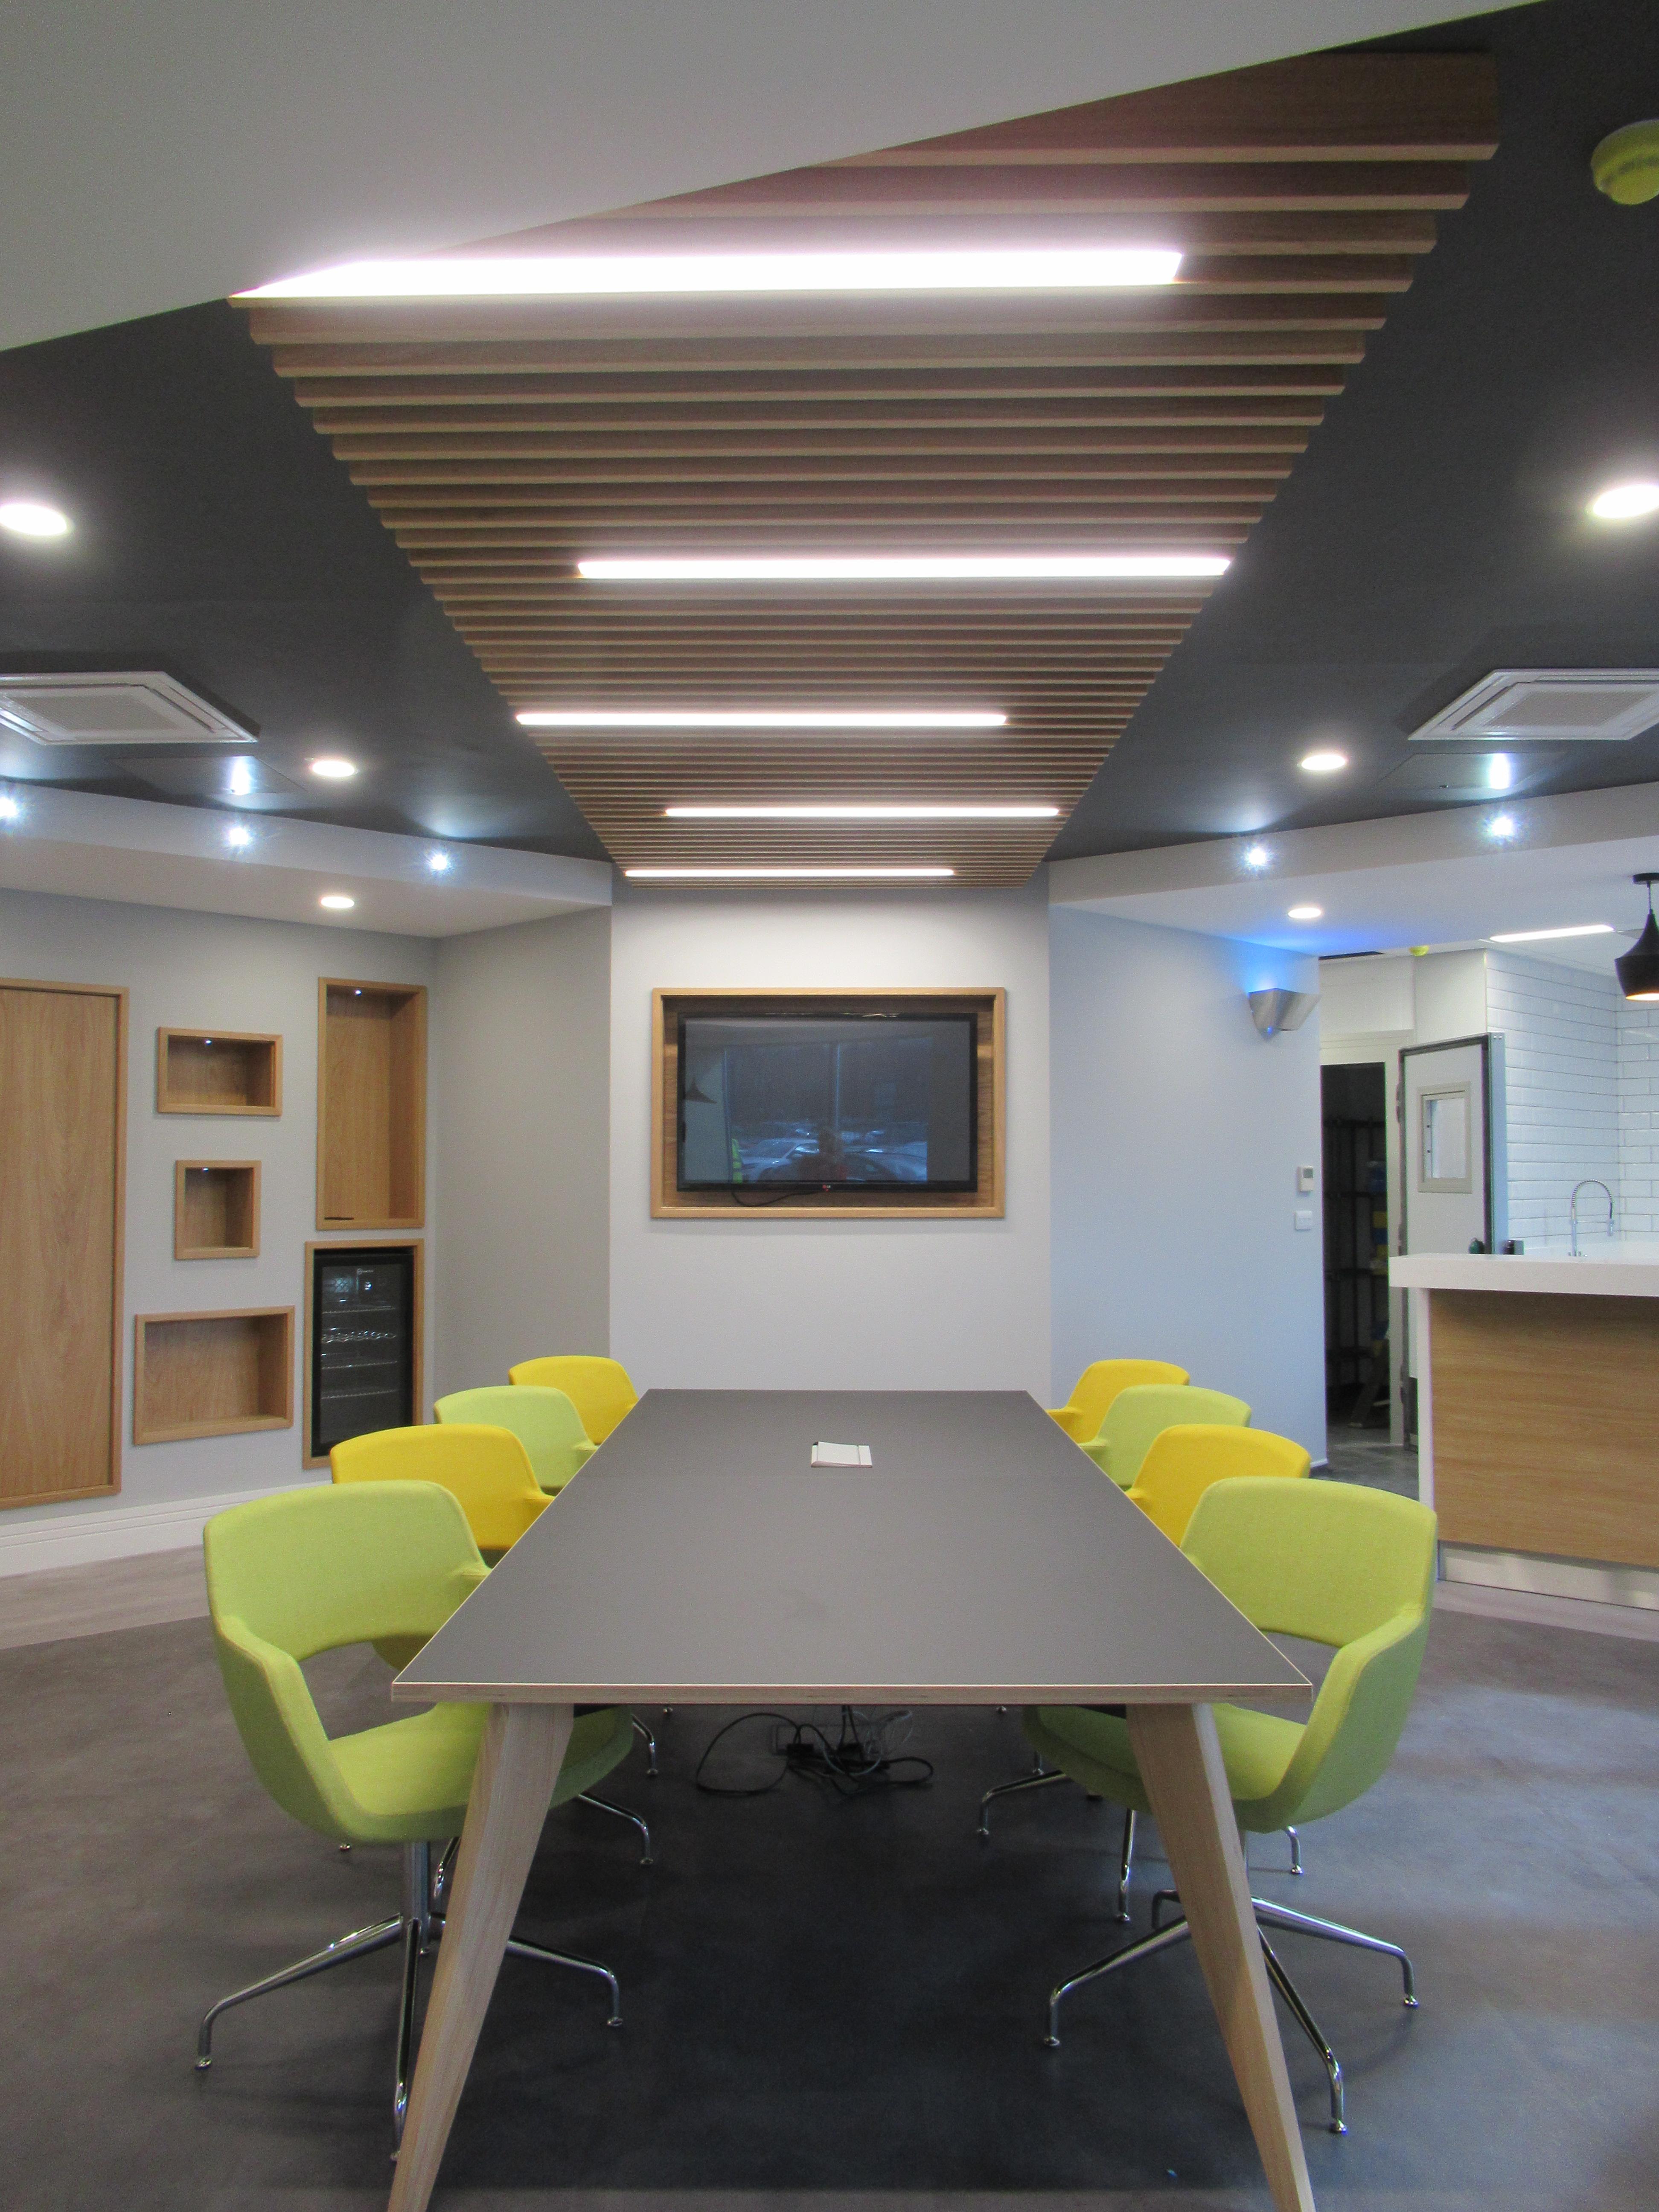 cranswick board room